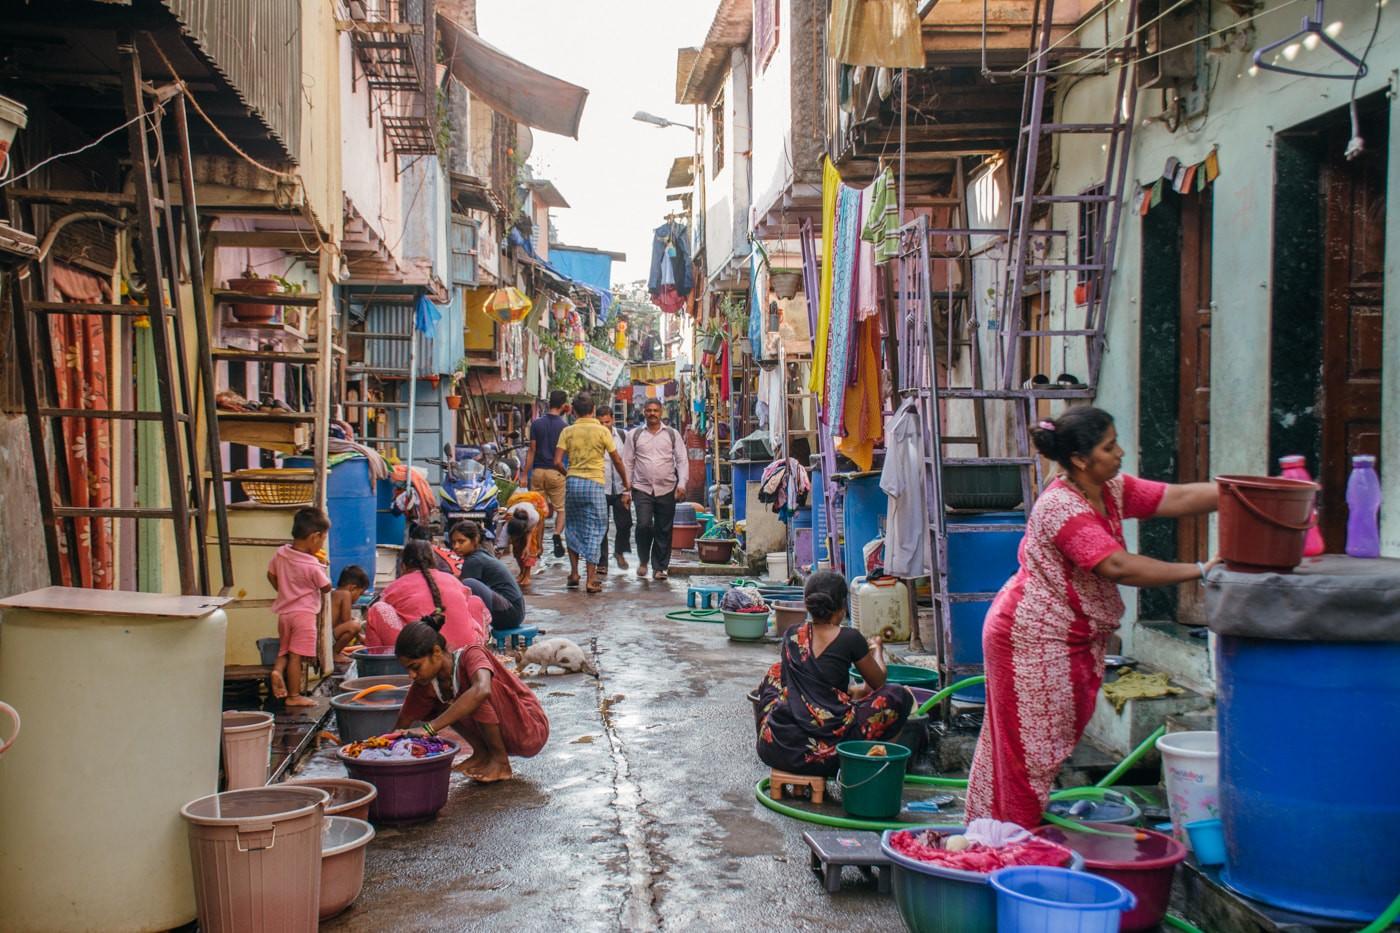 Khi những khu ổ chuột trở thành điểm du lịch: Vườn thú người trần trụi hay trang mới tươi sáng cho người nghèo? - Ảnh 5.